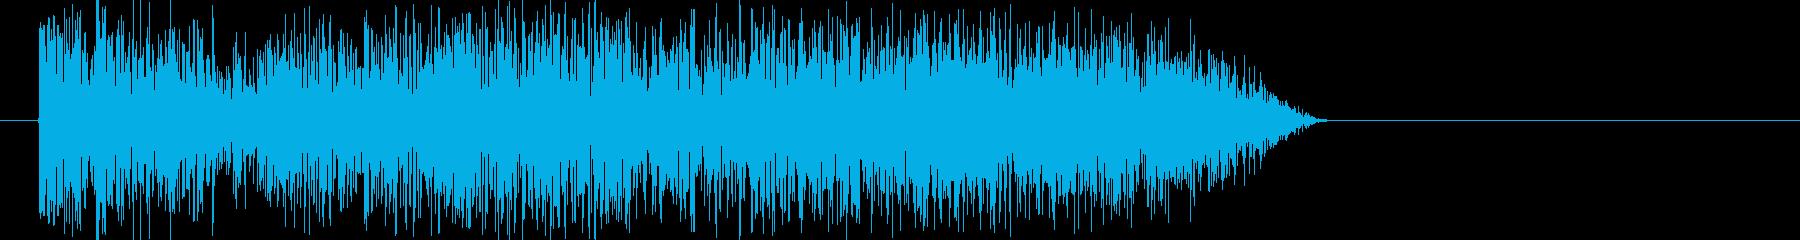 リバーサーの再生済みの波形